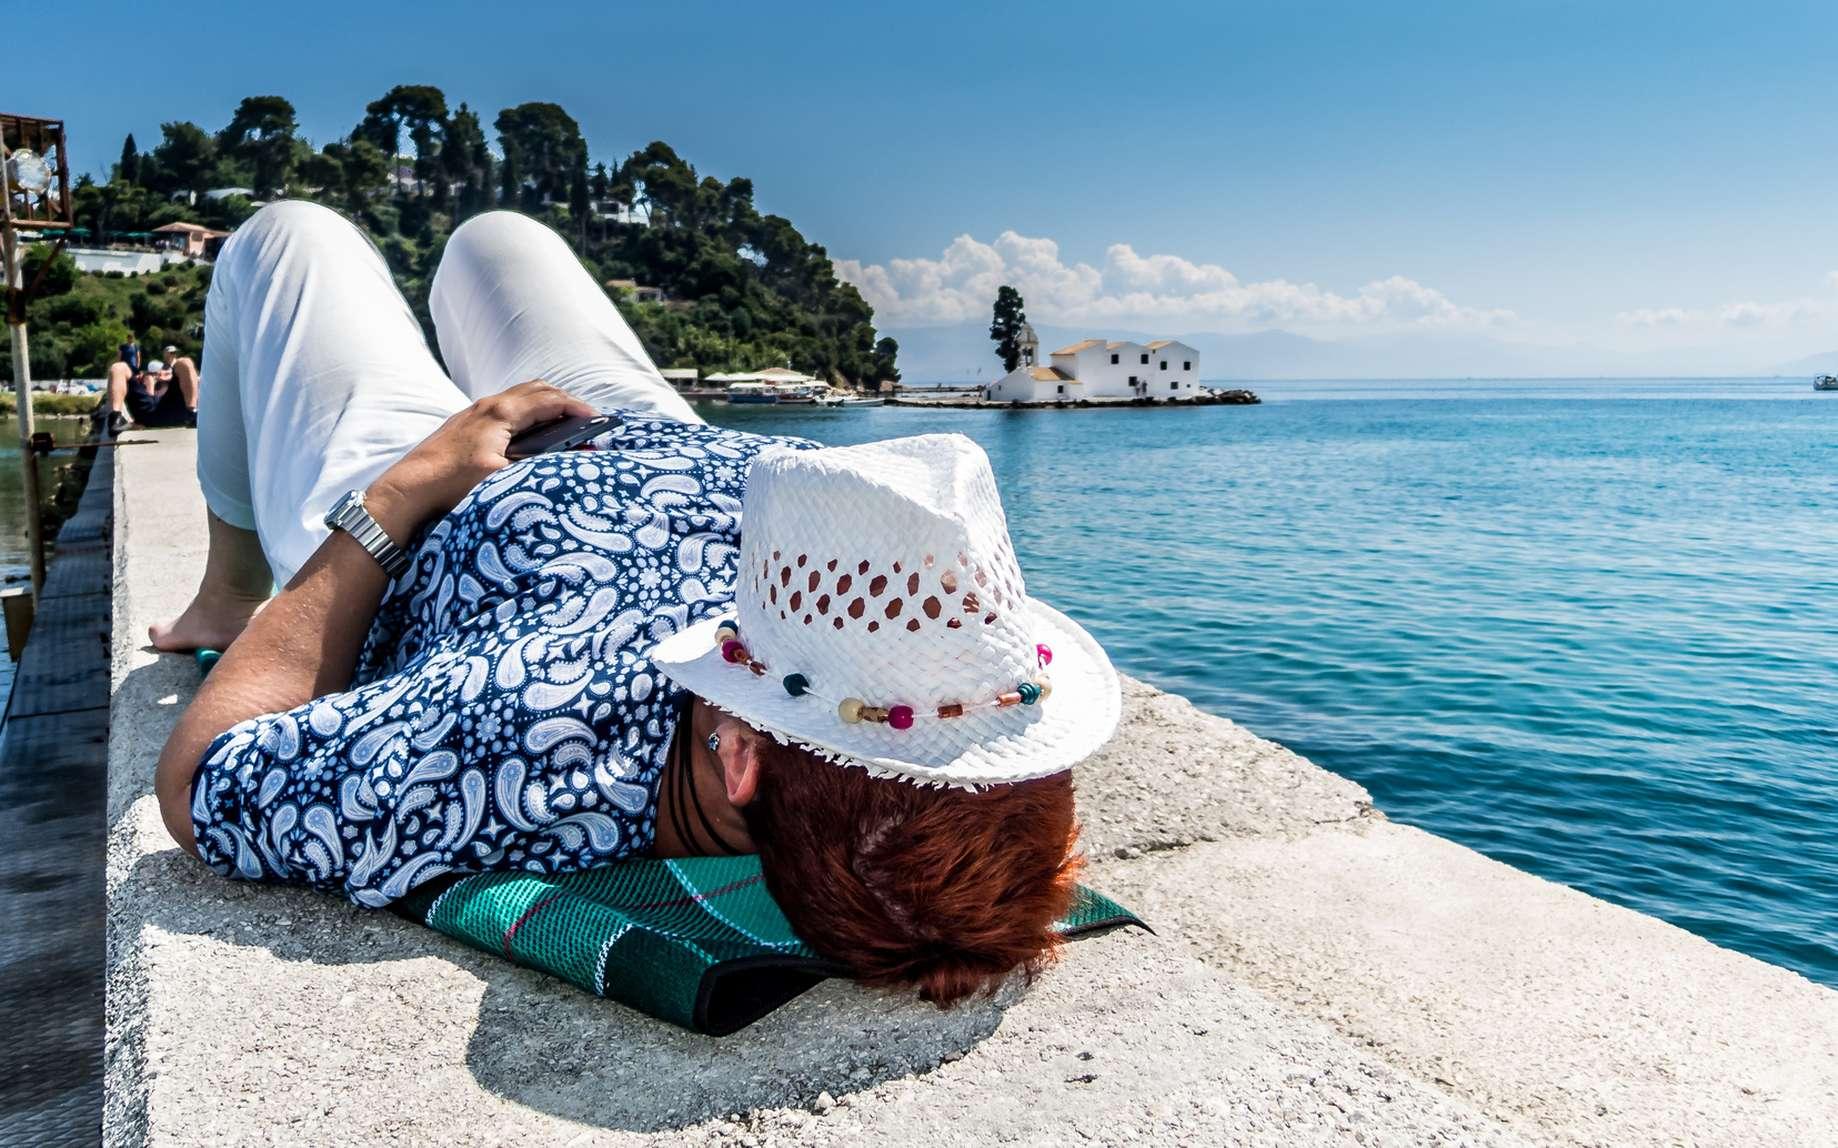 Au bureau et en vacances, quelques conseils pour s'habiller quand il fait chaud. © Andre, Fotolia